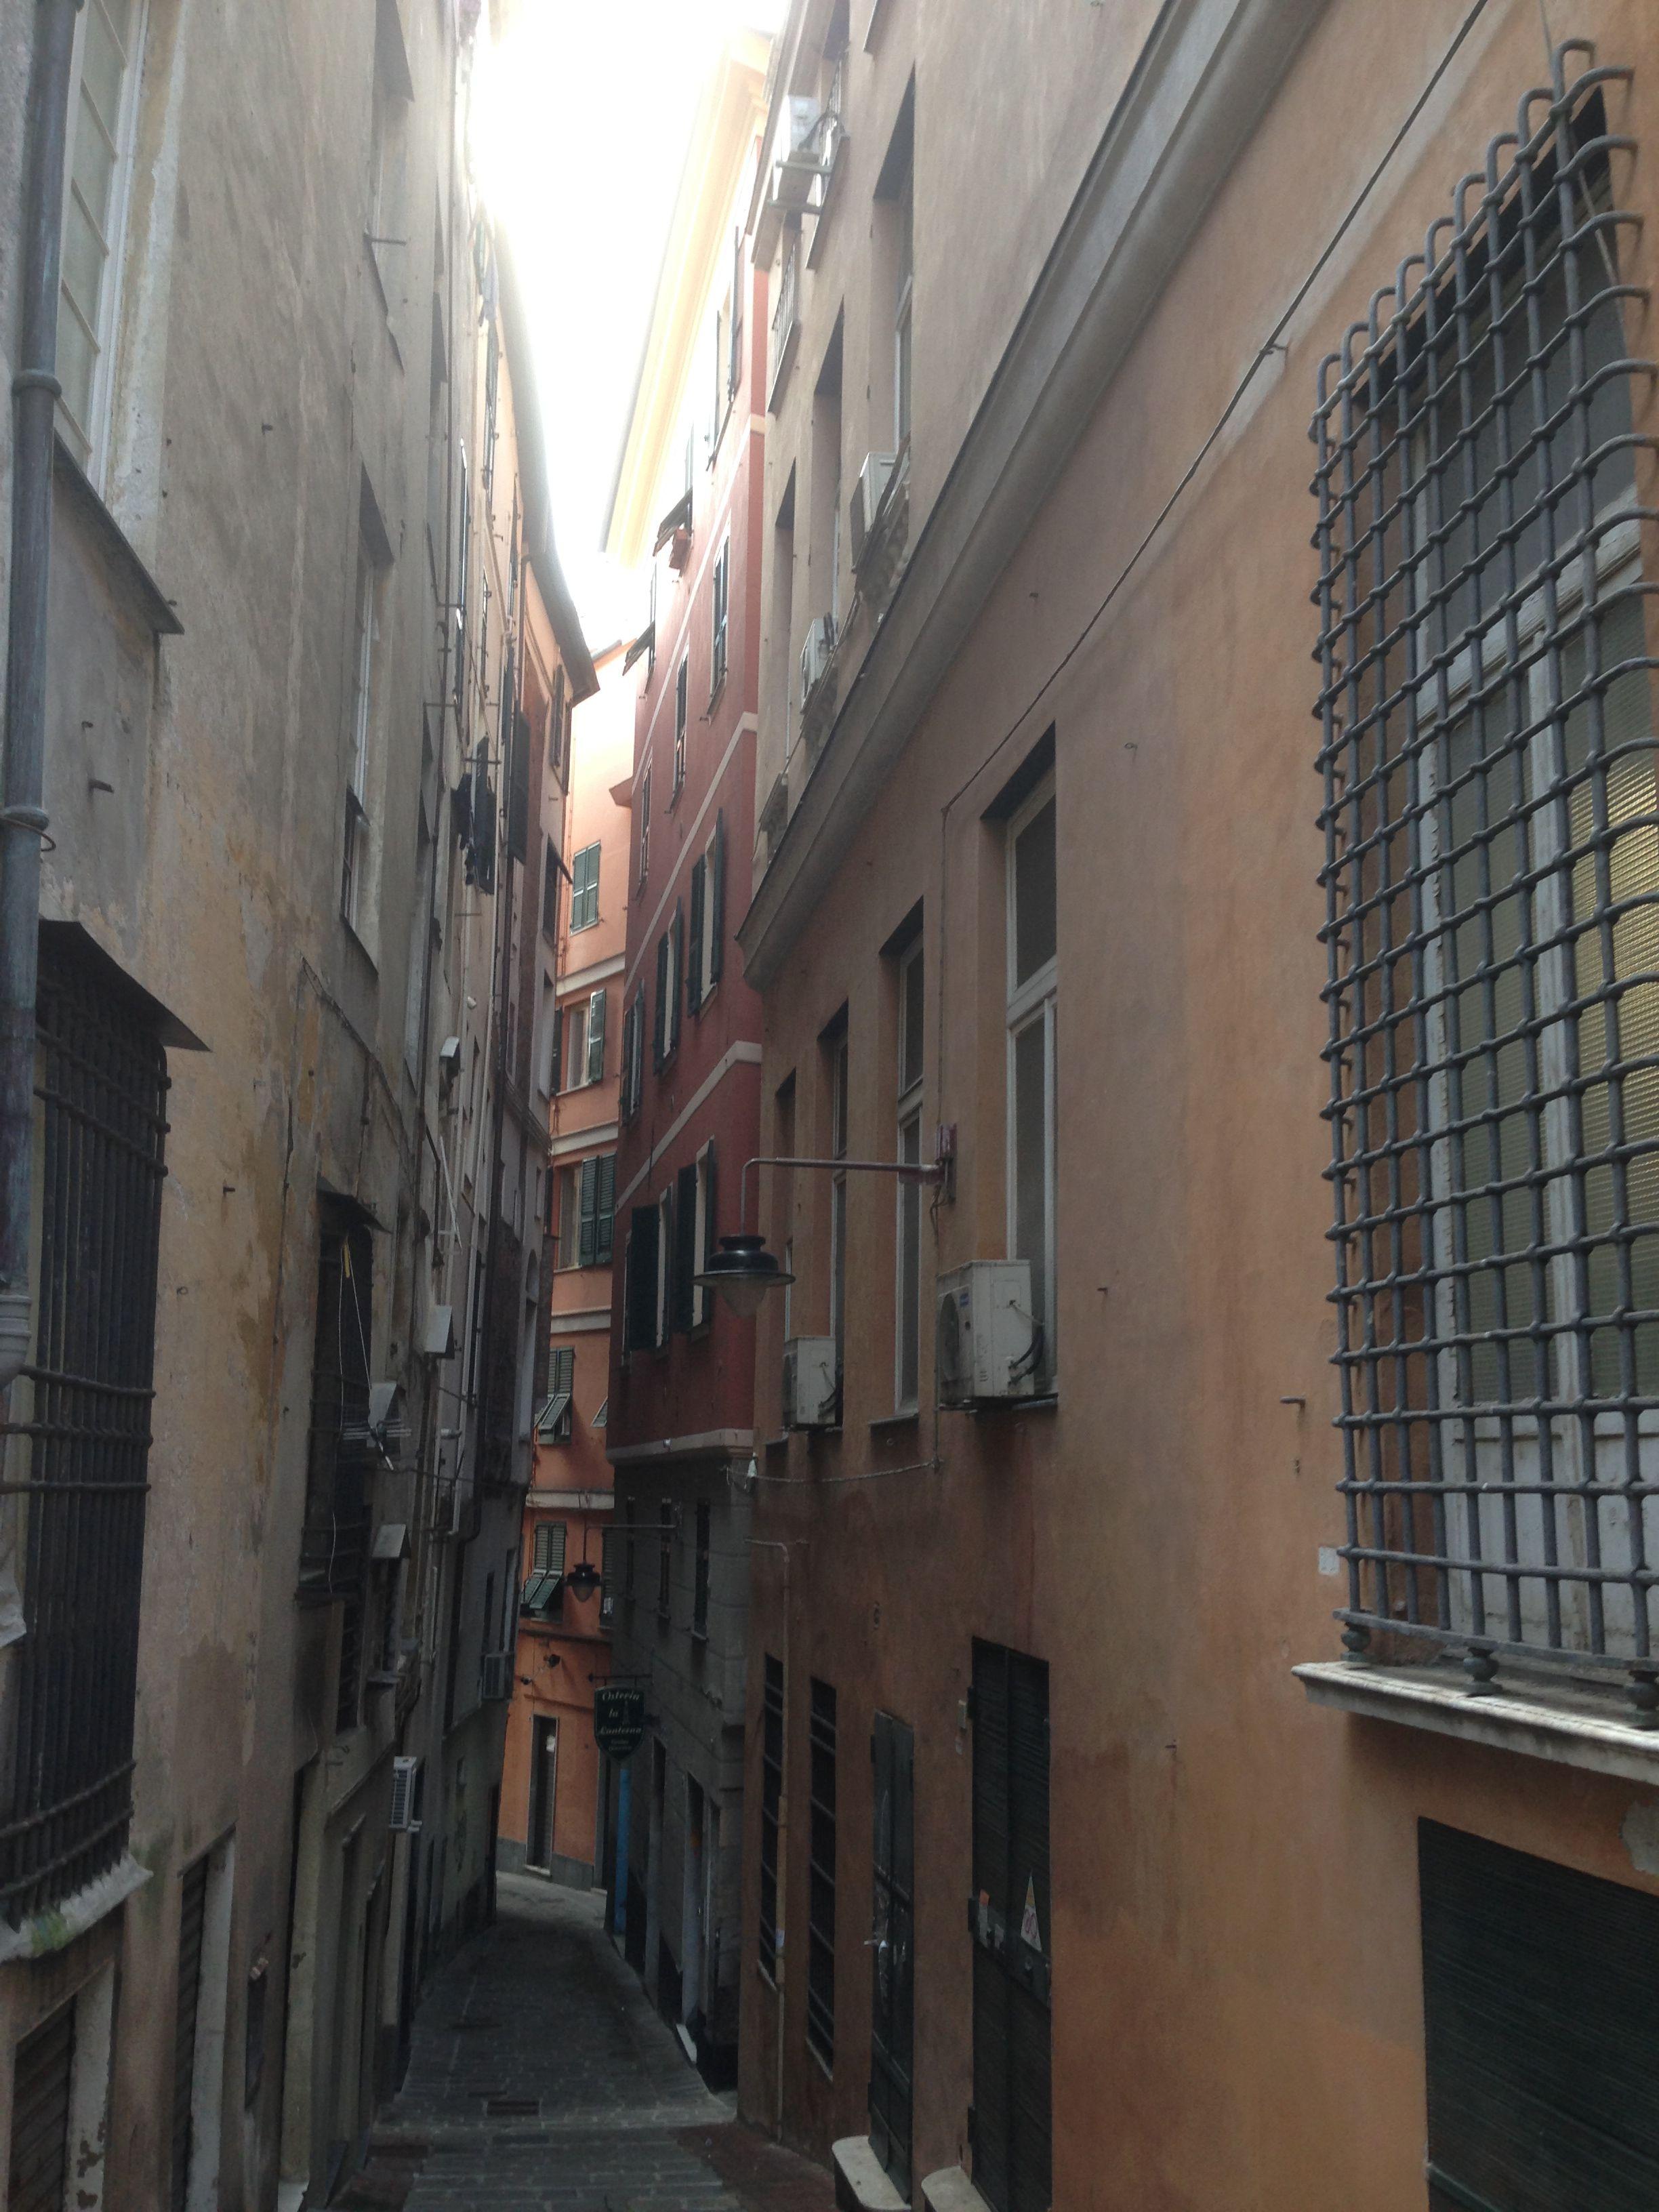 Gênes, en Italie, une des plus belle ville que j'ai jamais visitée